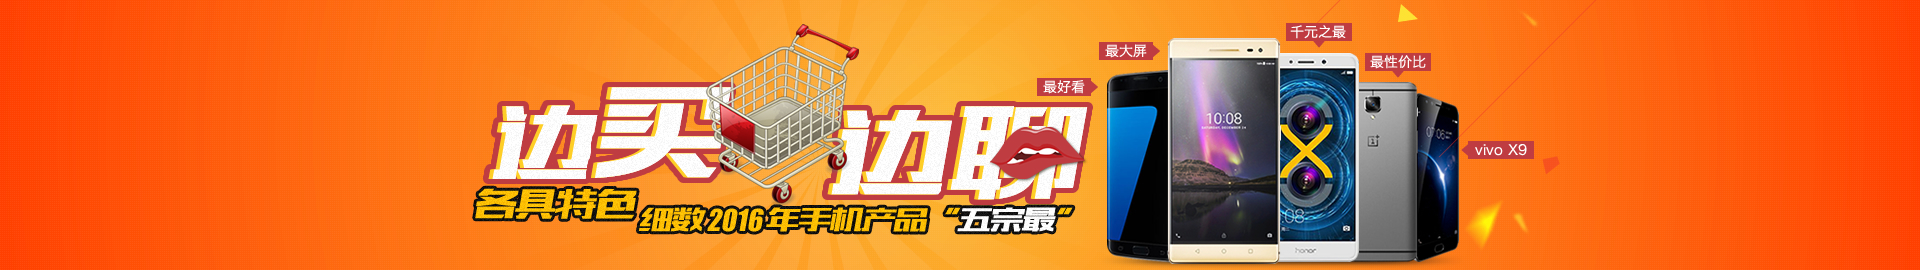 """各具特色 细数2016年手机产品""""五宗最"""""""